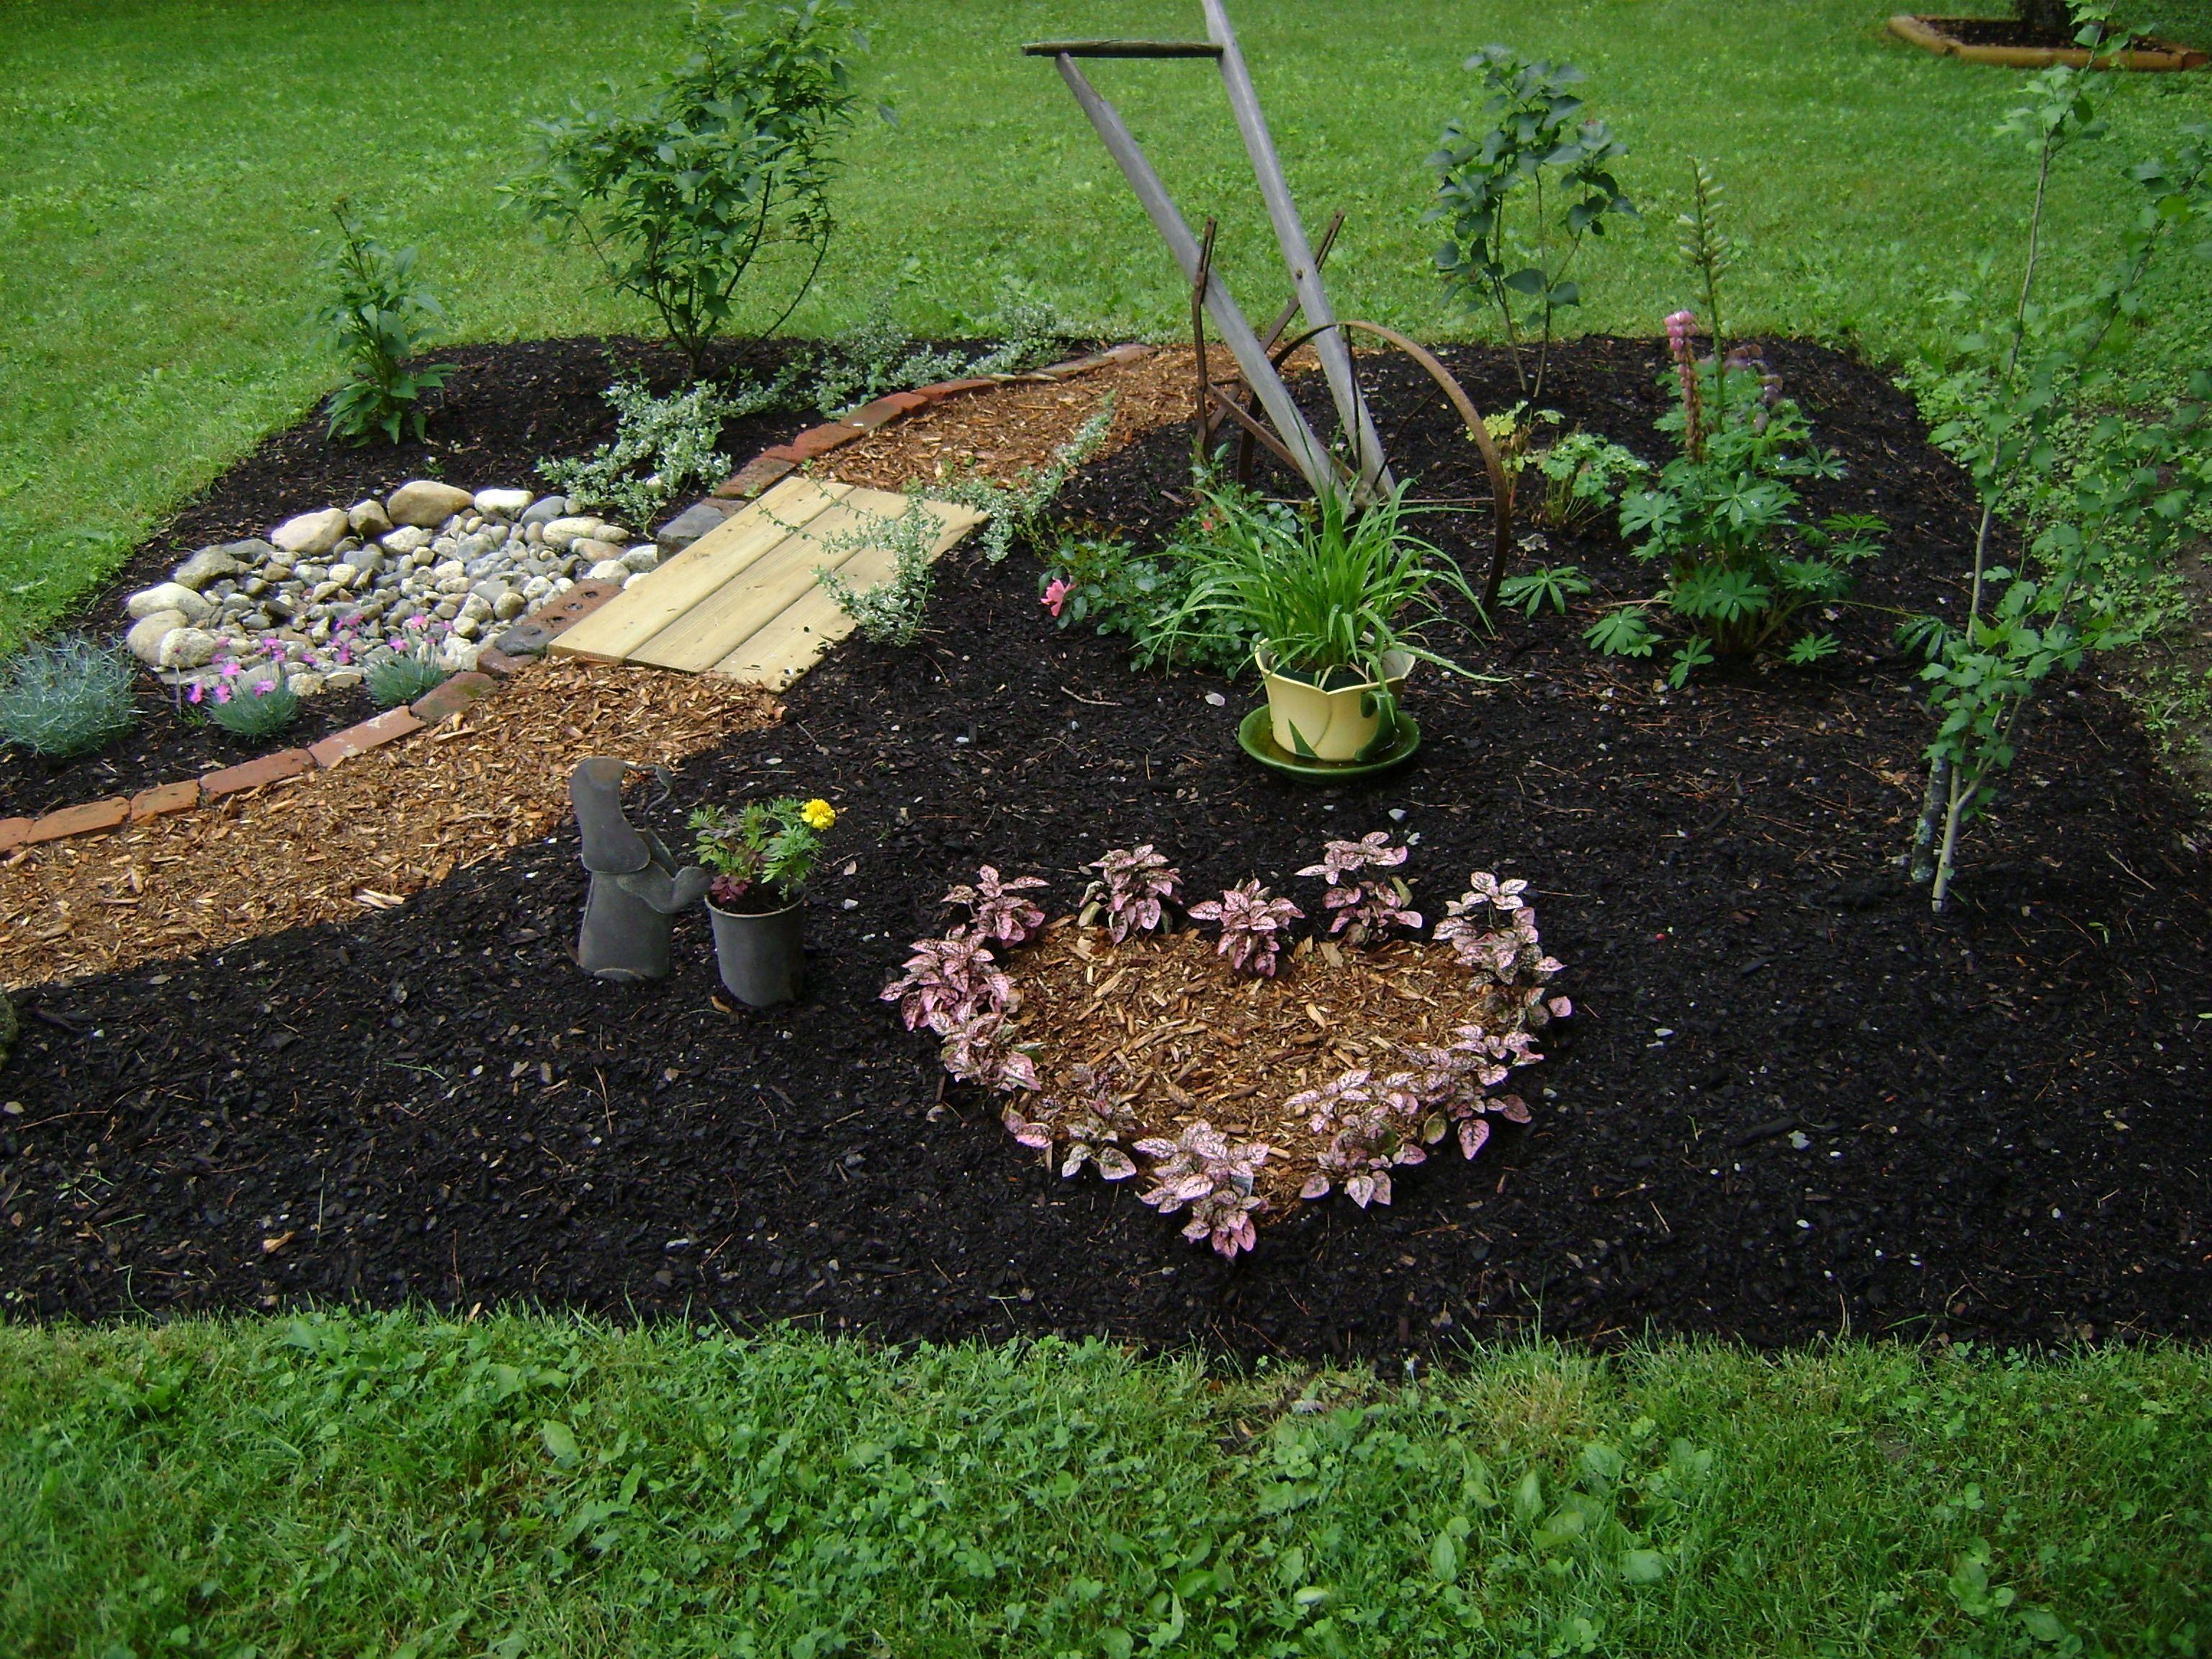 10 Memorial Flower Garden Ideas Most Amazing As Well As Beautiful Pet Memorial Garden Small Memorial Garden Ideas Memorial Garden Backyard diy memorial garden